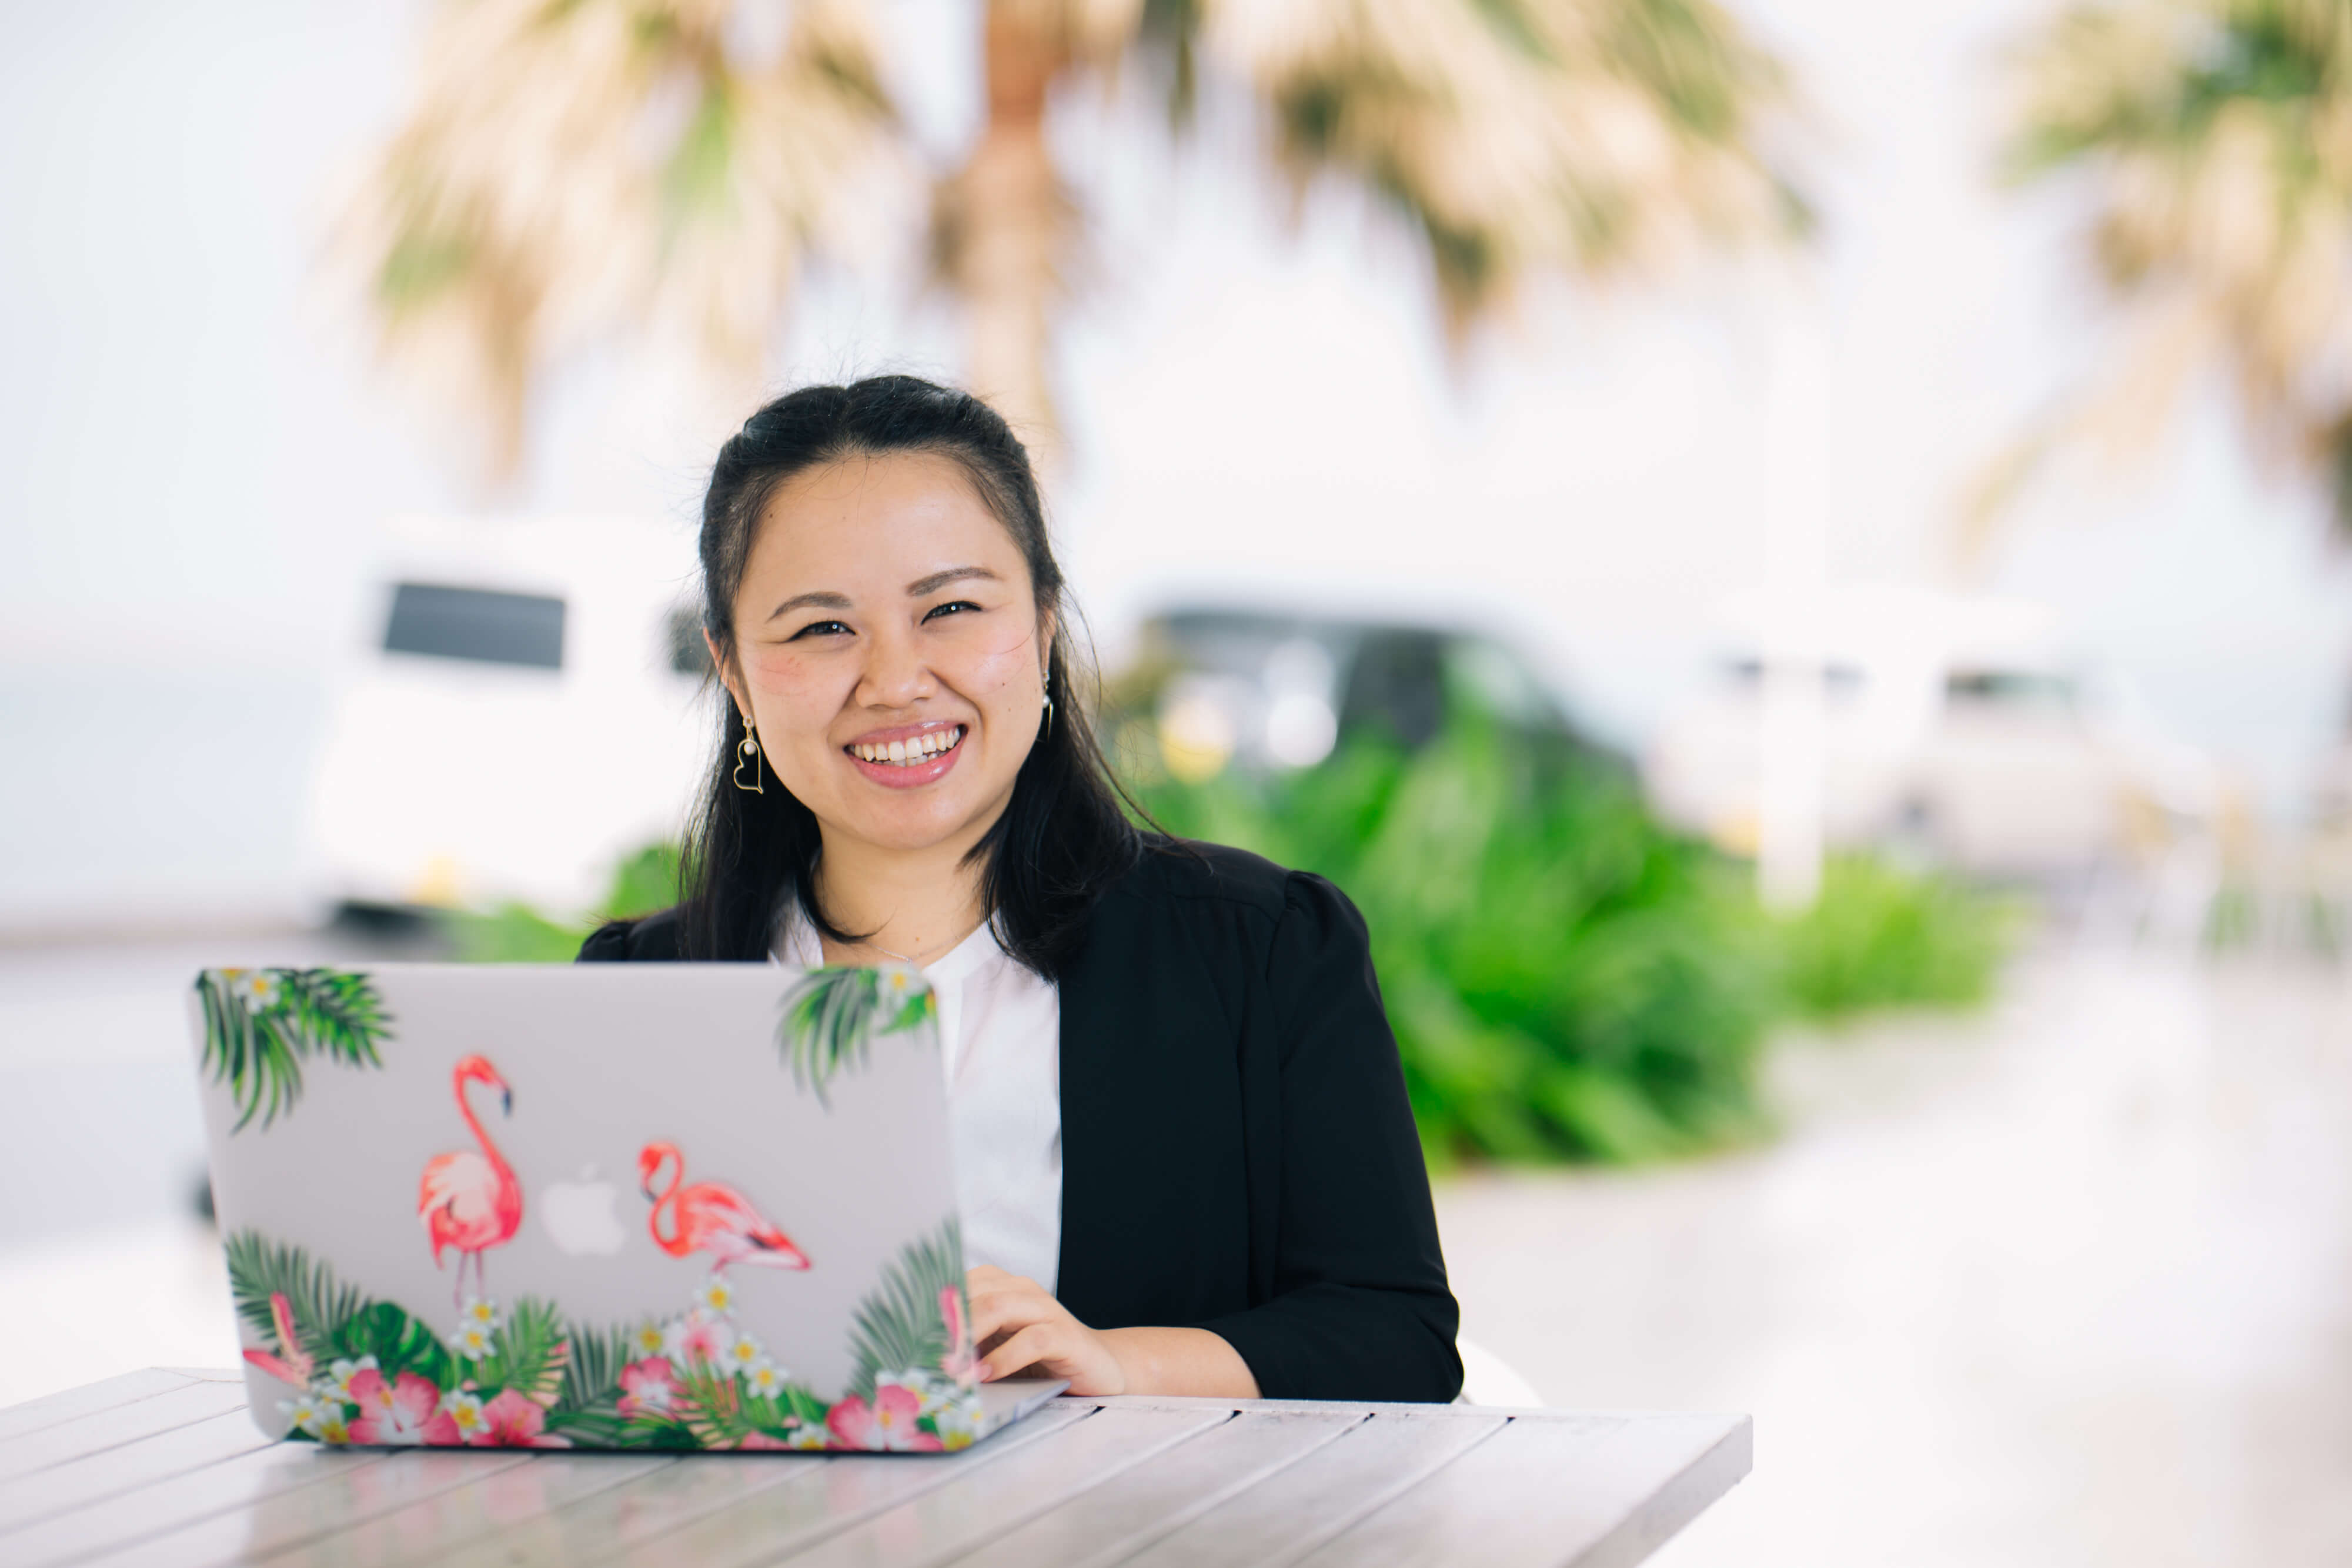 伊良皆真美|管理栄養士|沖縄|プロフィール横